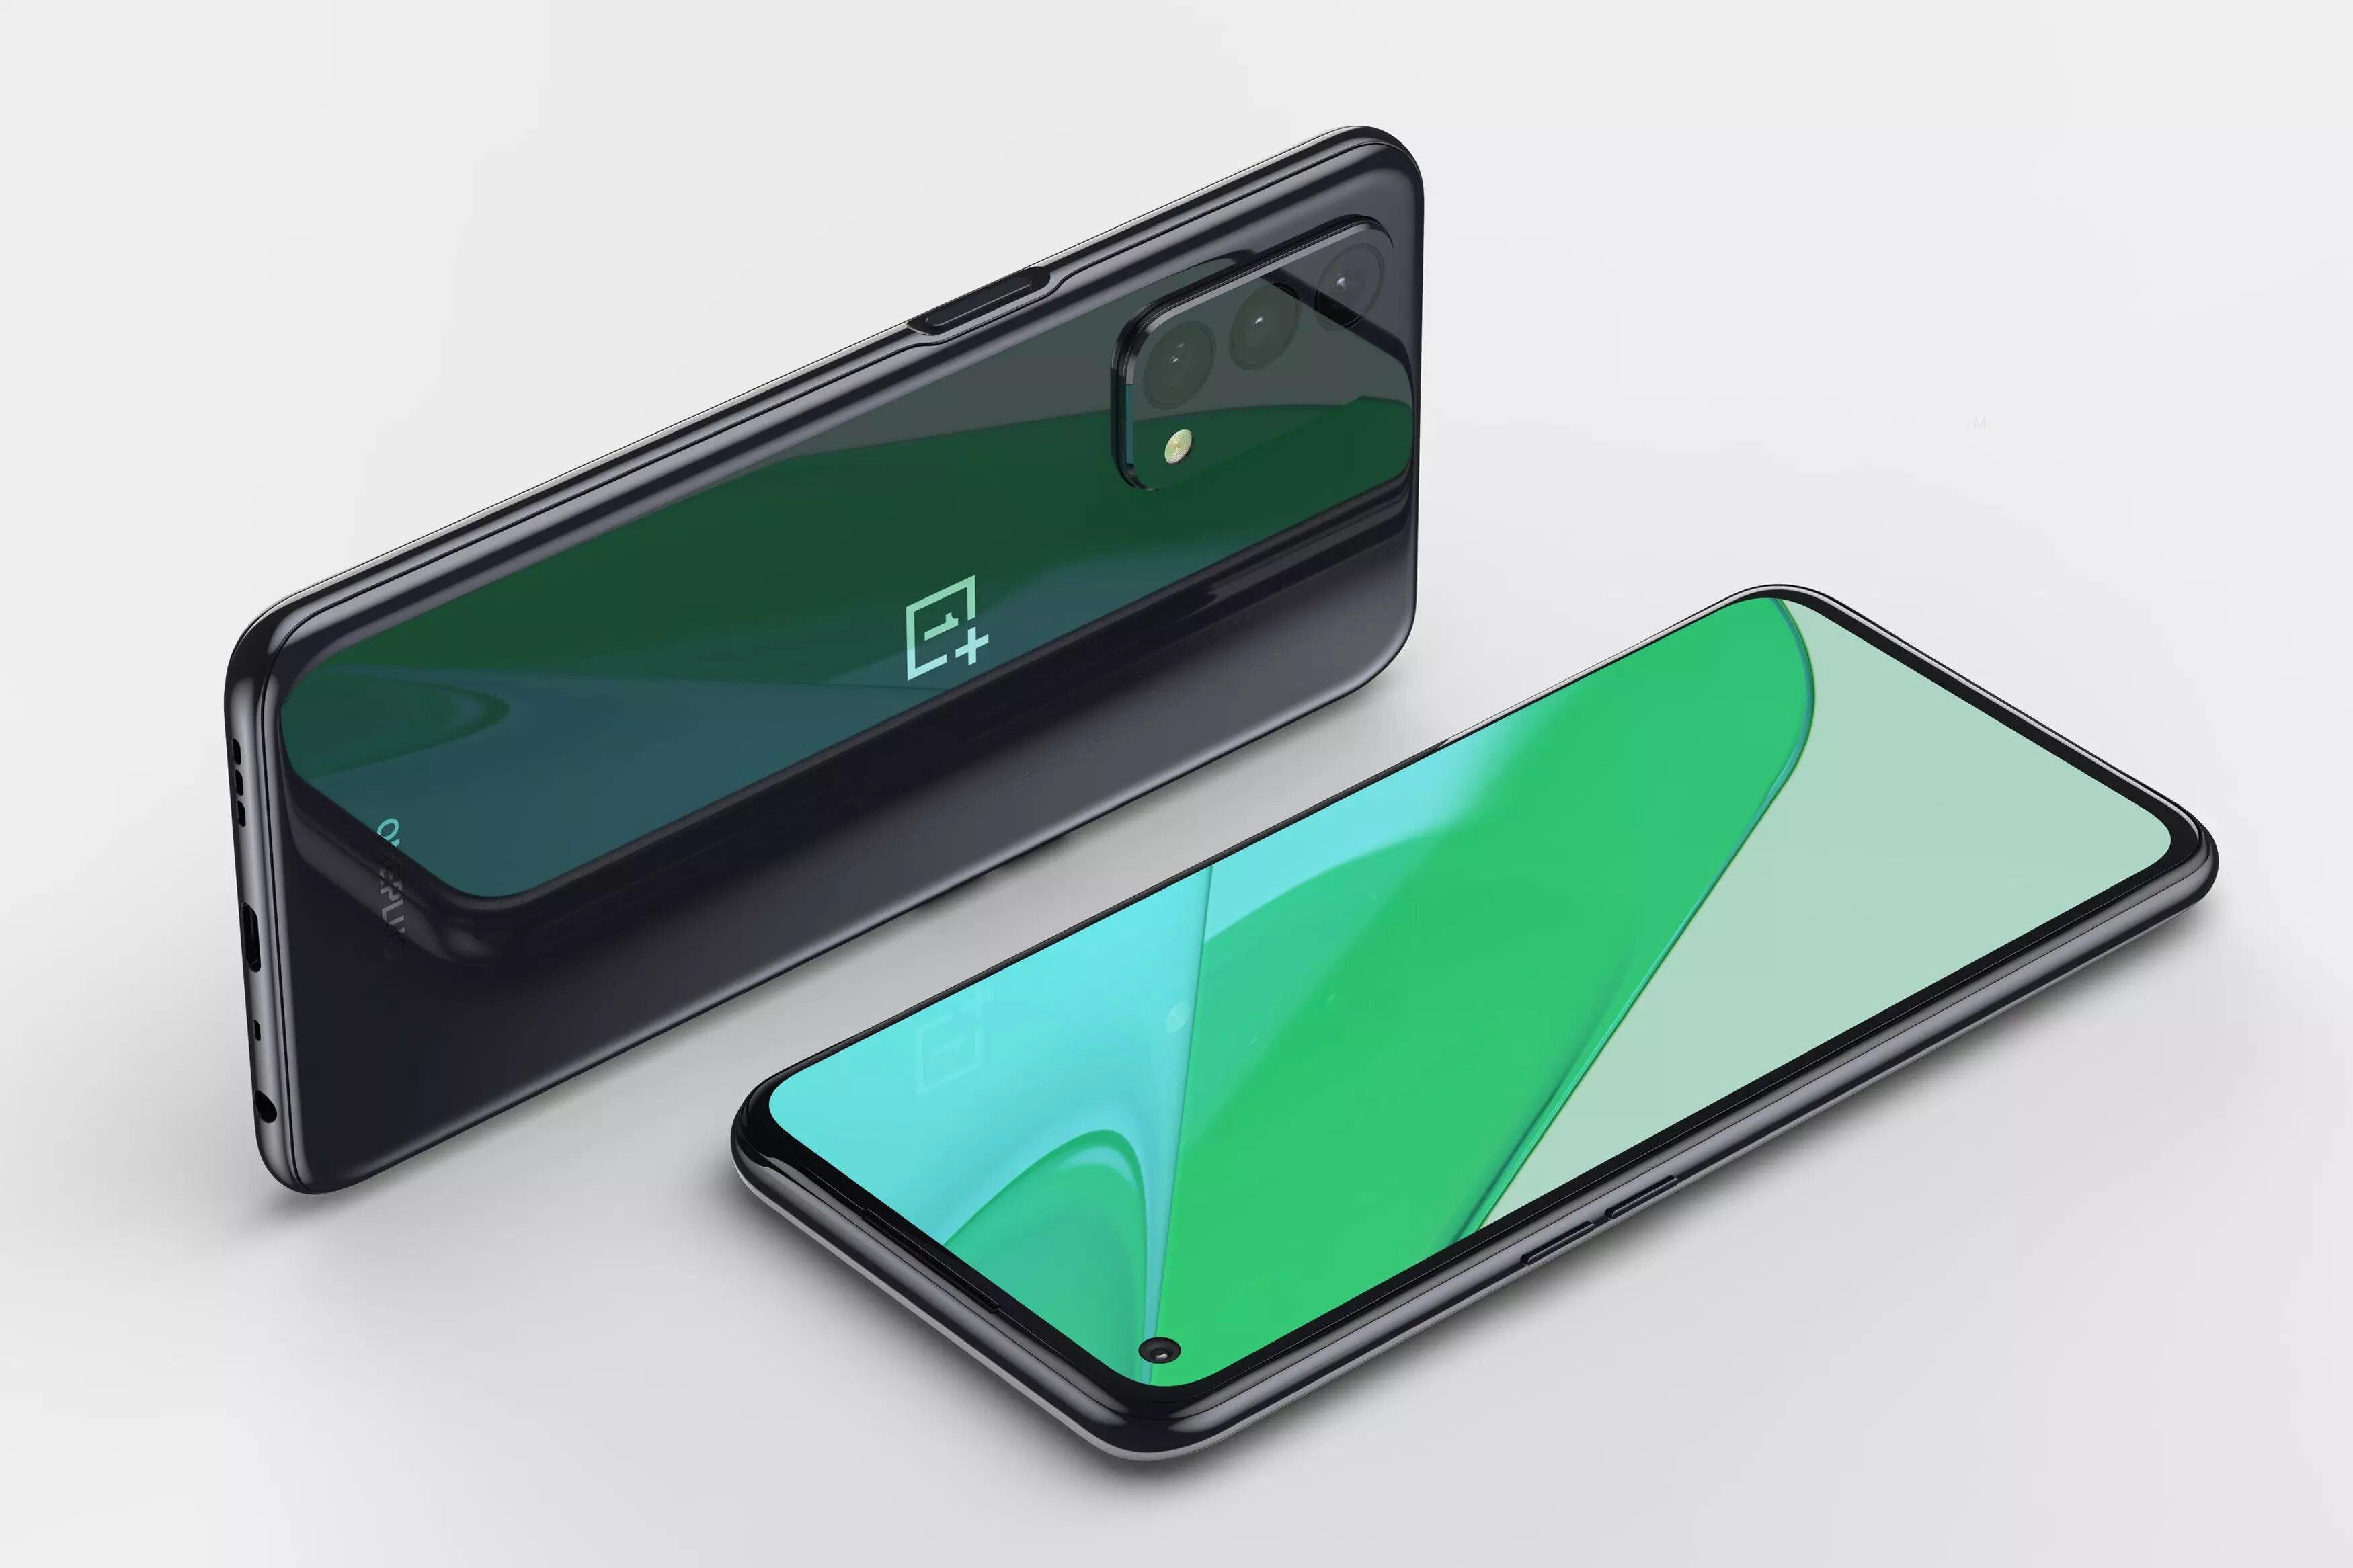 Бюджетник OnePlus Nord N200 5G появился на официальном изображении с дизайном, как у OnePlus 9